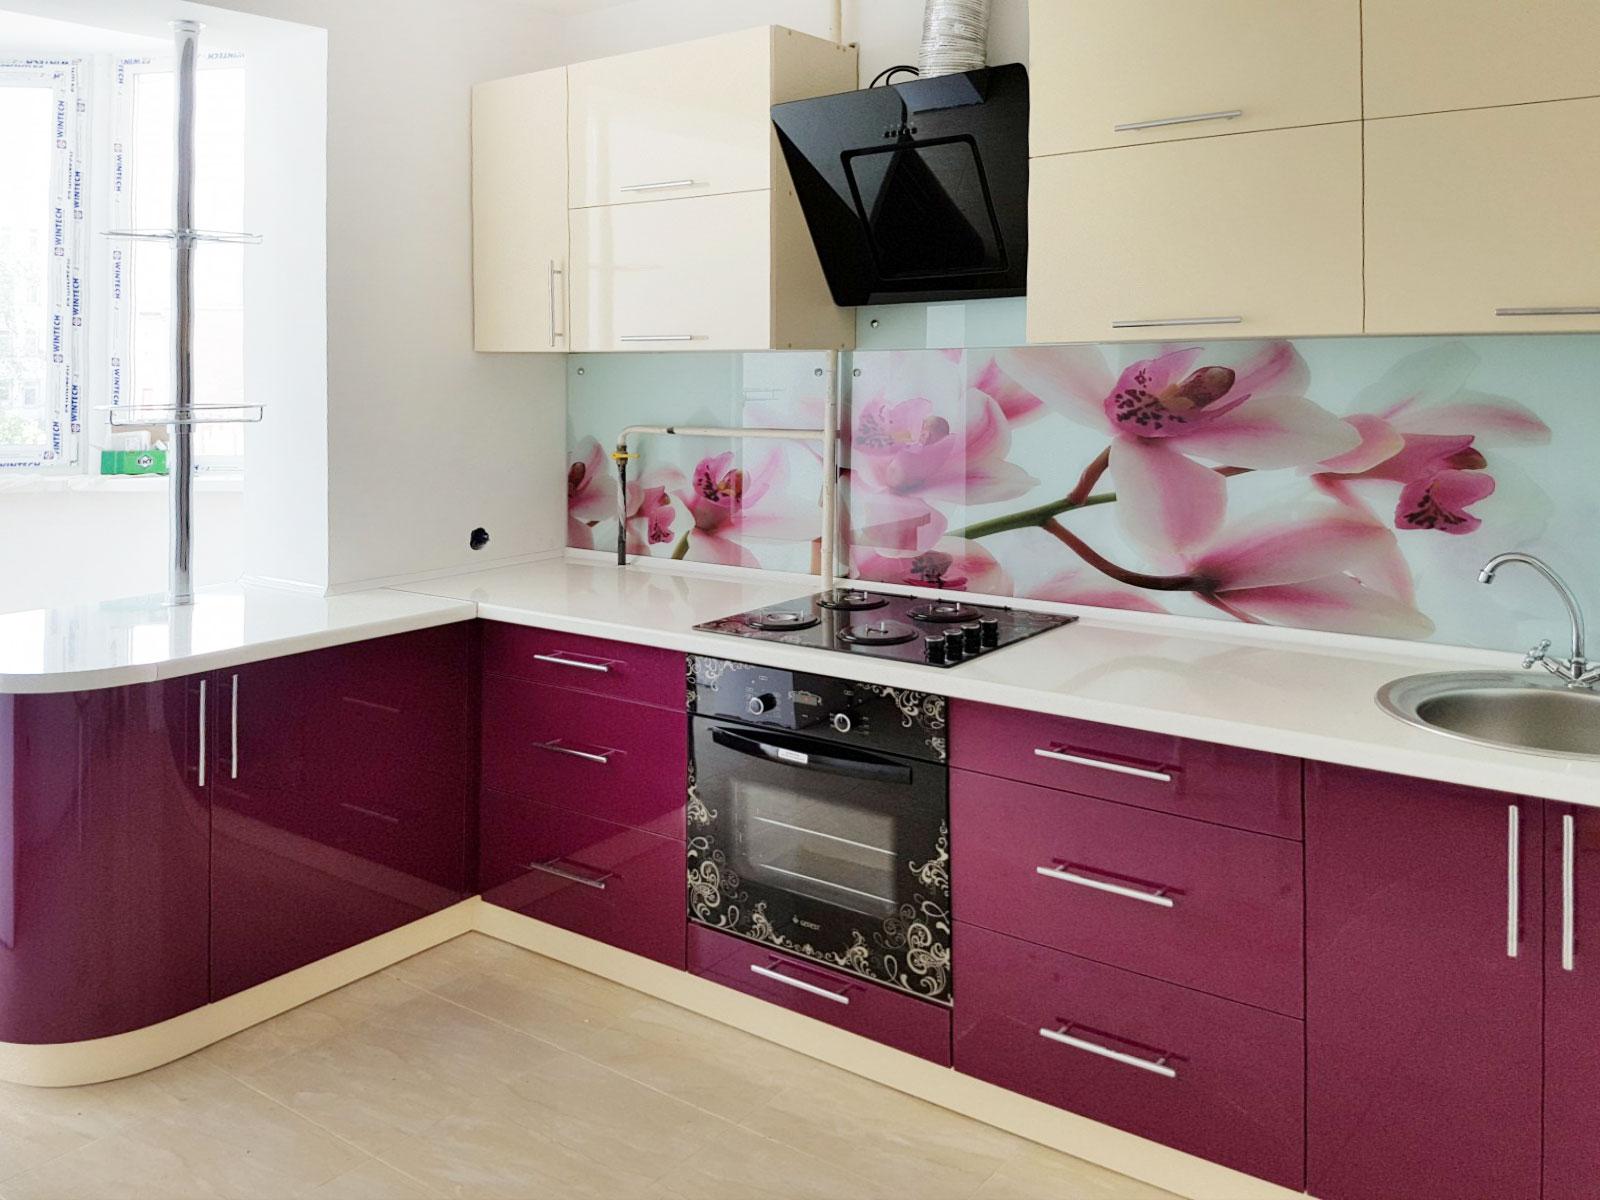 Кухни с полками вместо навесных шкафов фото